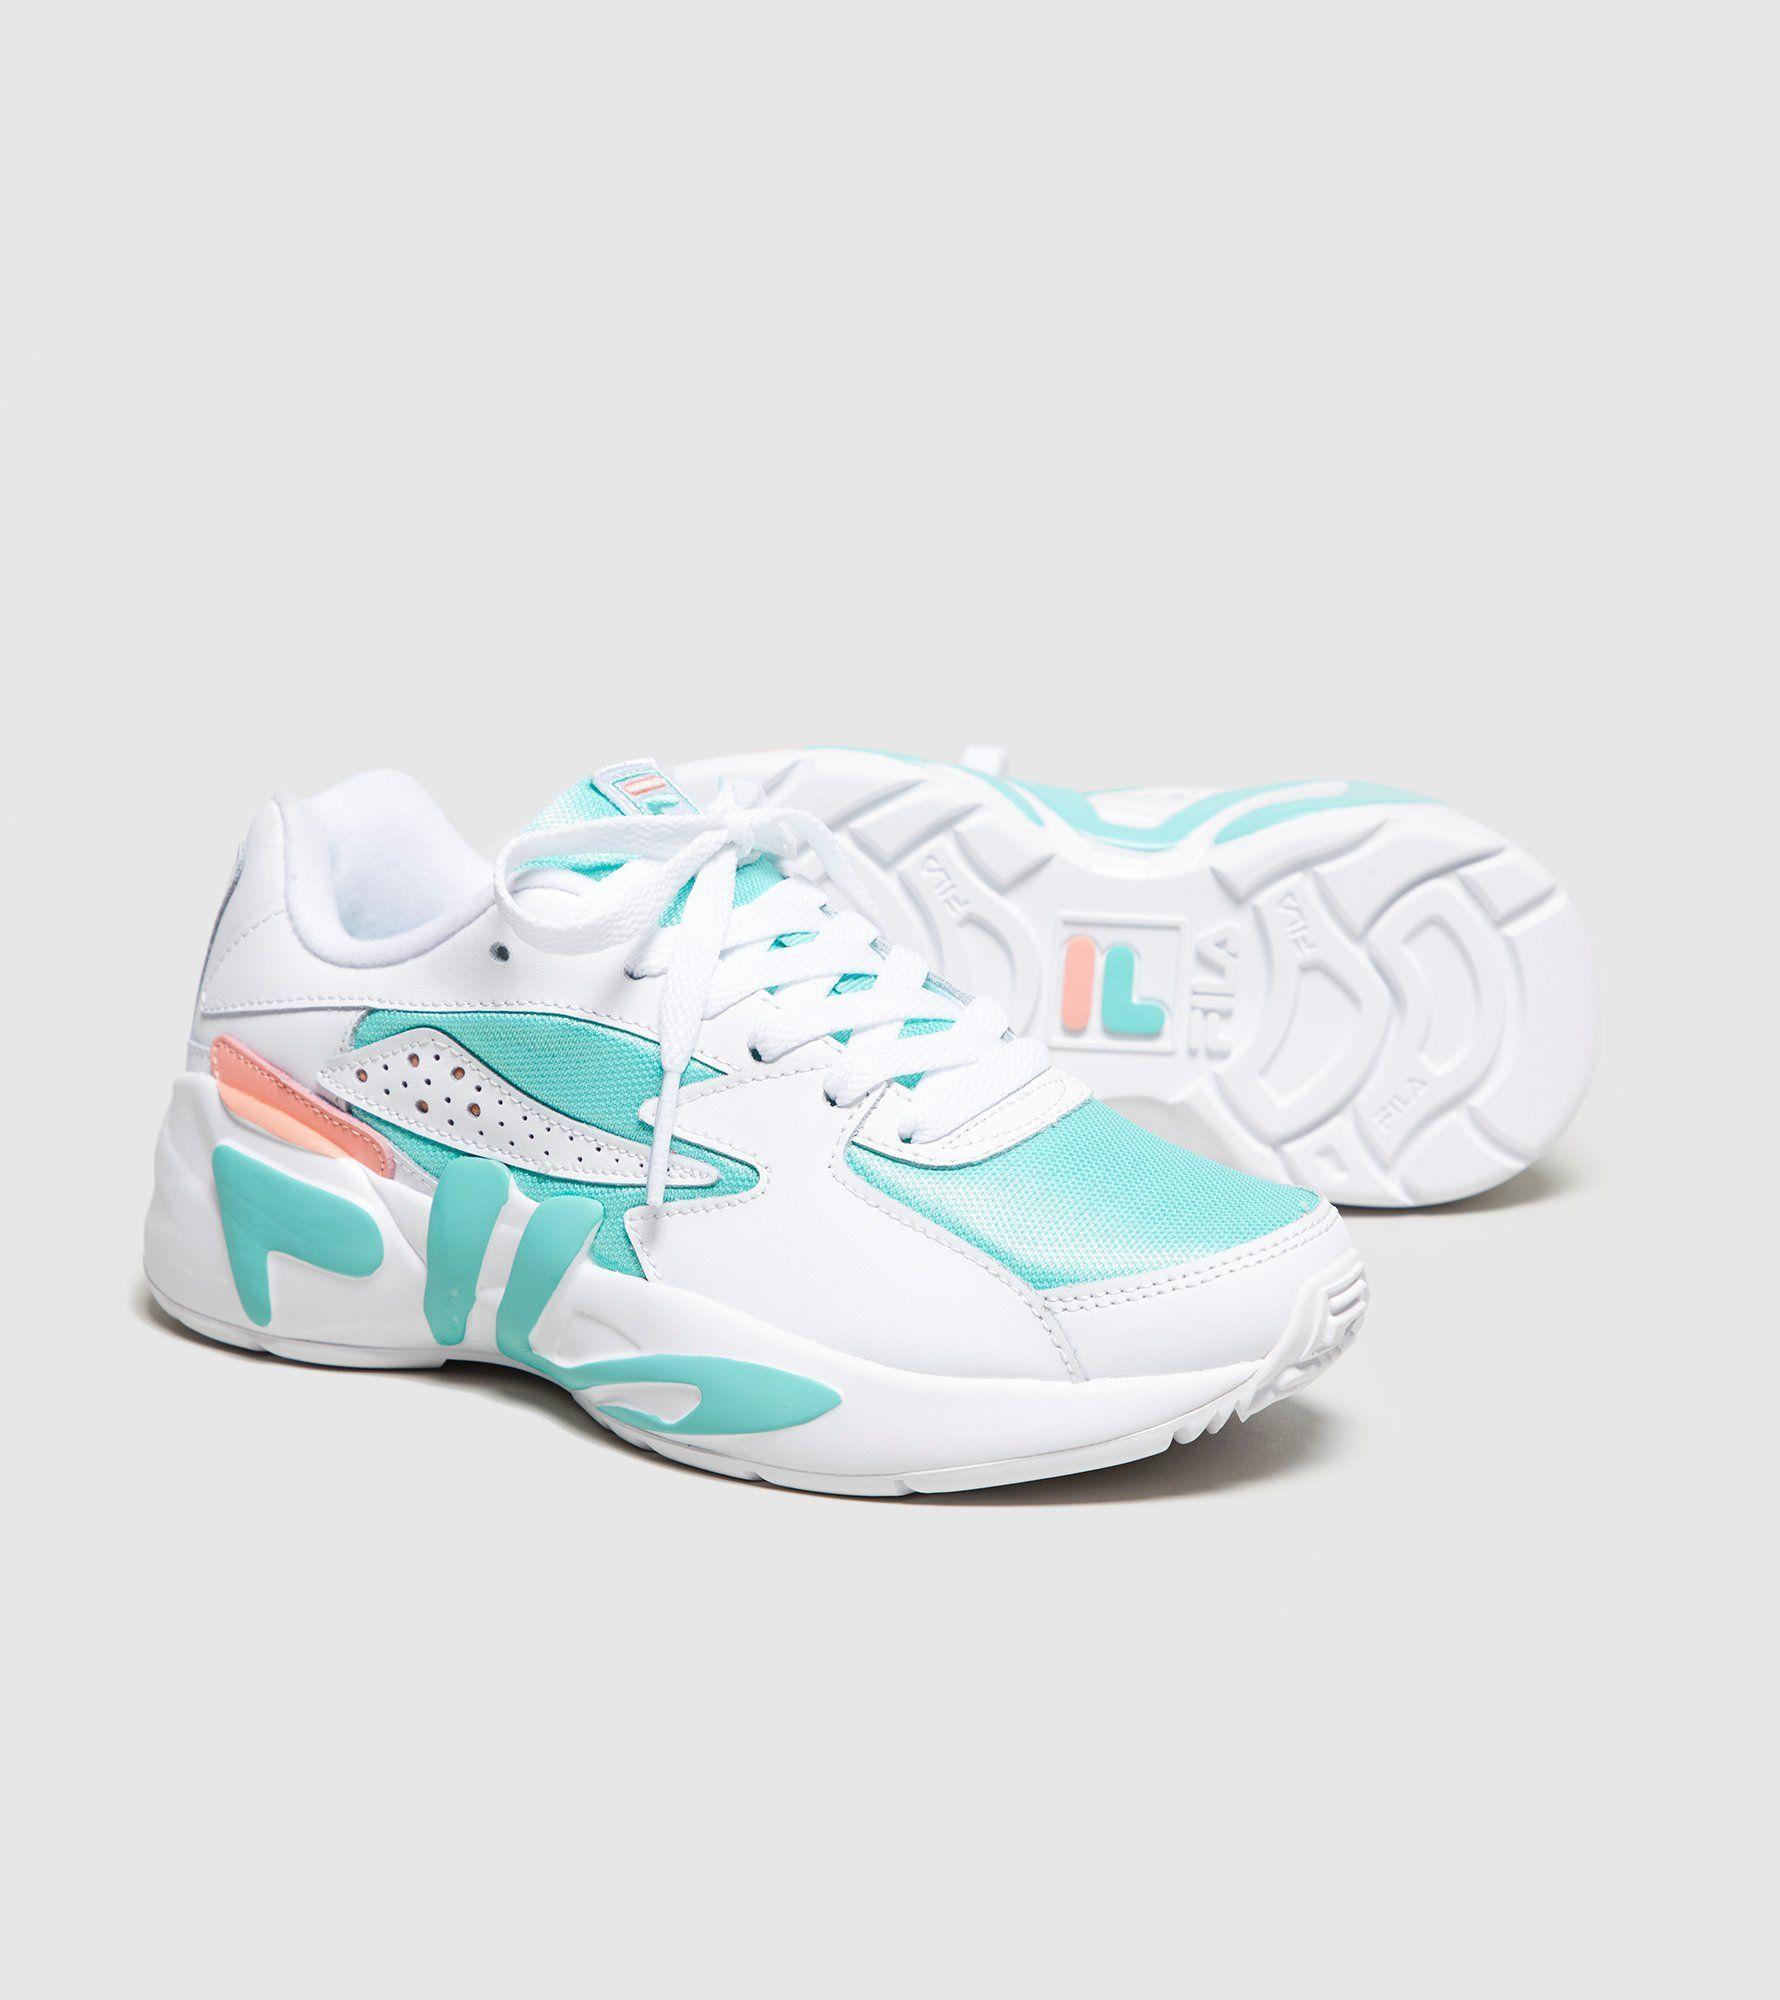 Fila - Mind Blower - Chaussures - Menthe - Vert